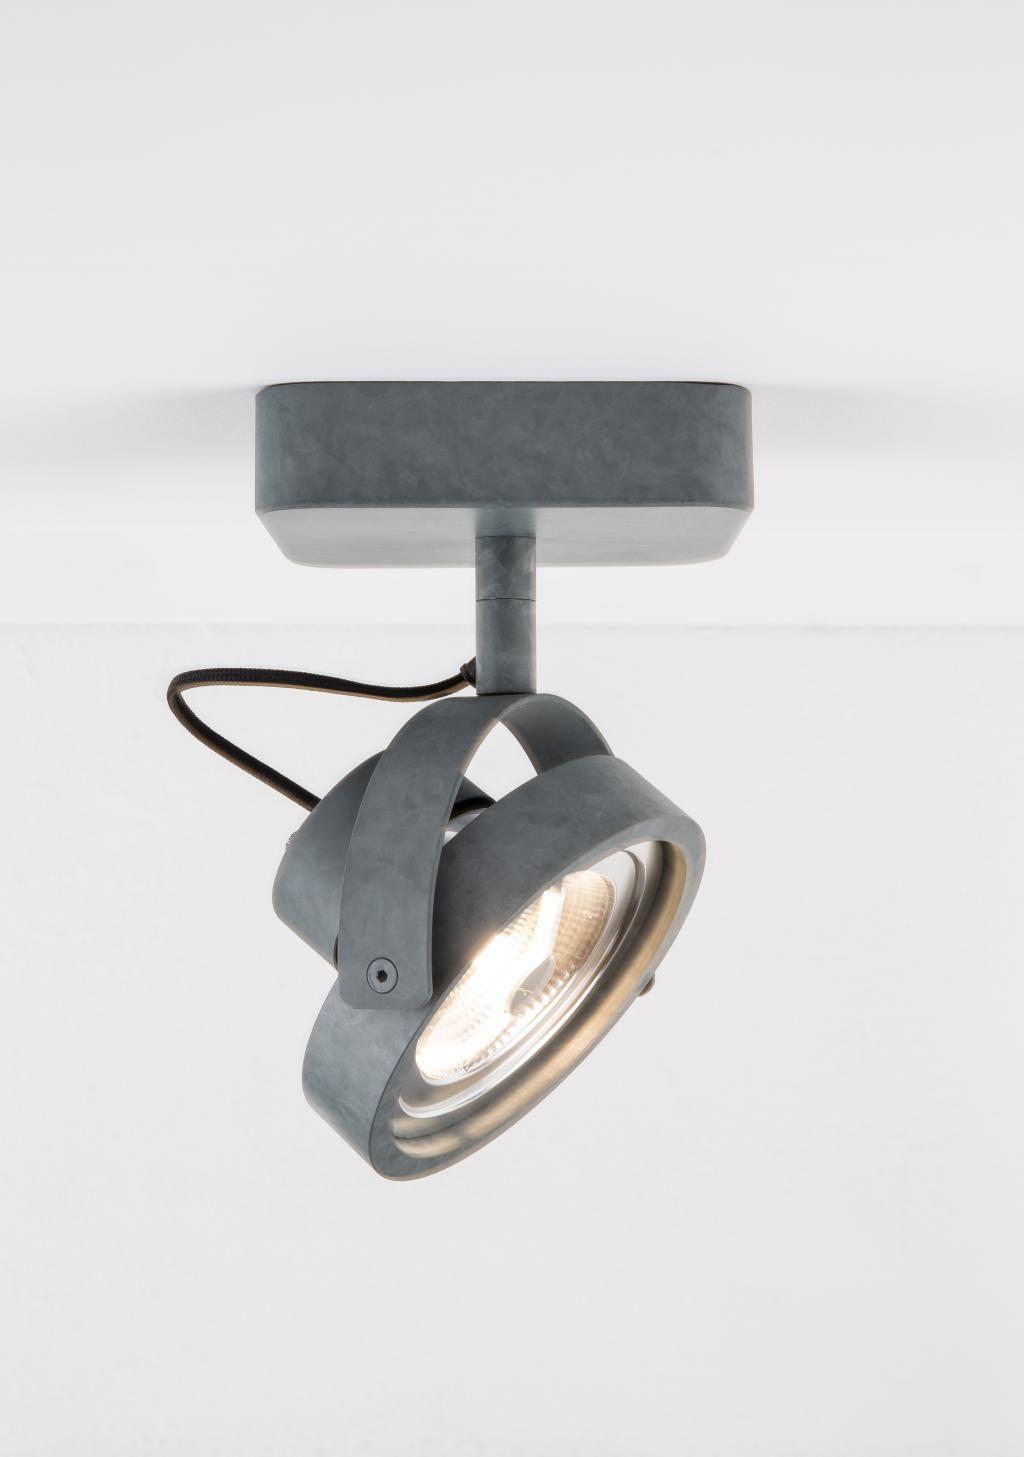 Spotlight Dice 1 Led Gegalvaniseerd Zuiver Badkamer Verlichting Verlichting Wandlamp